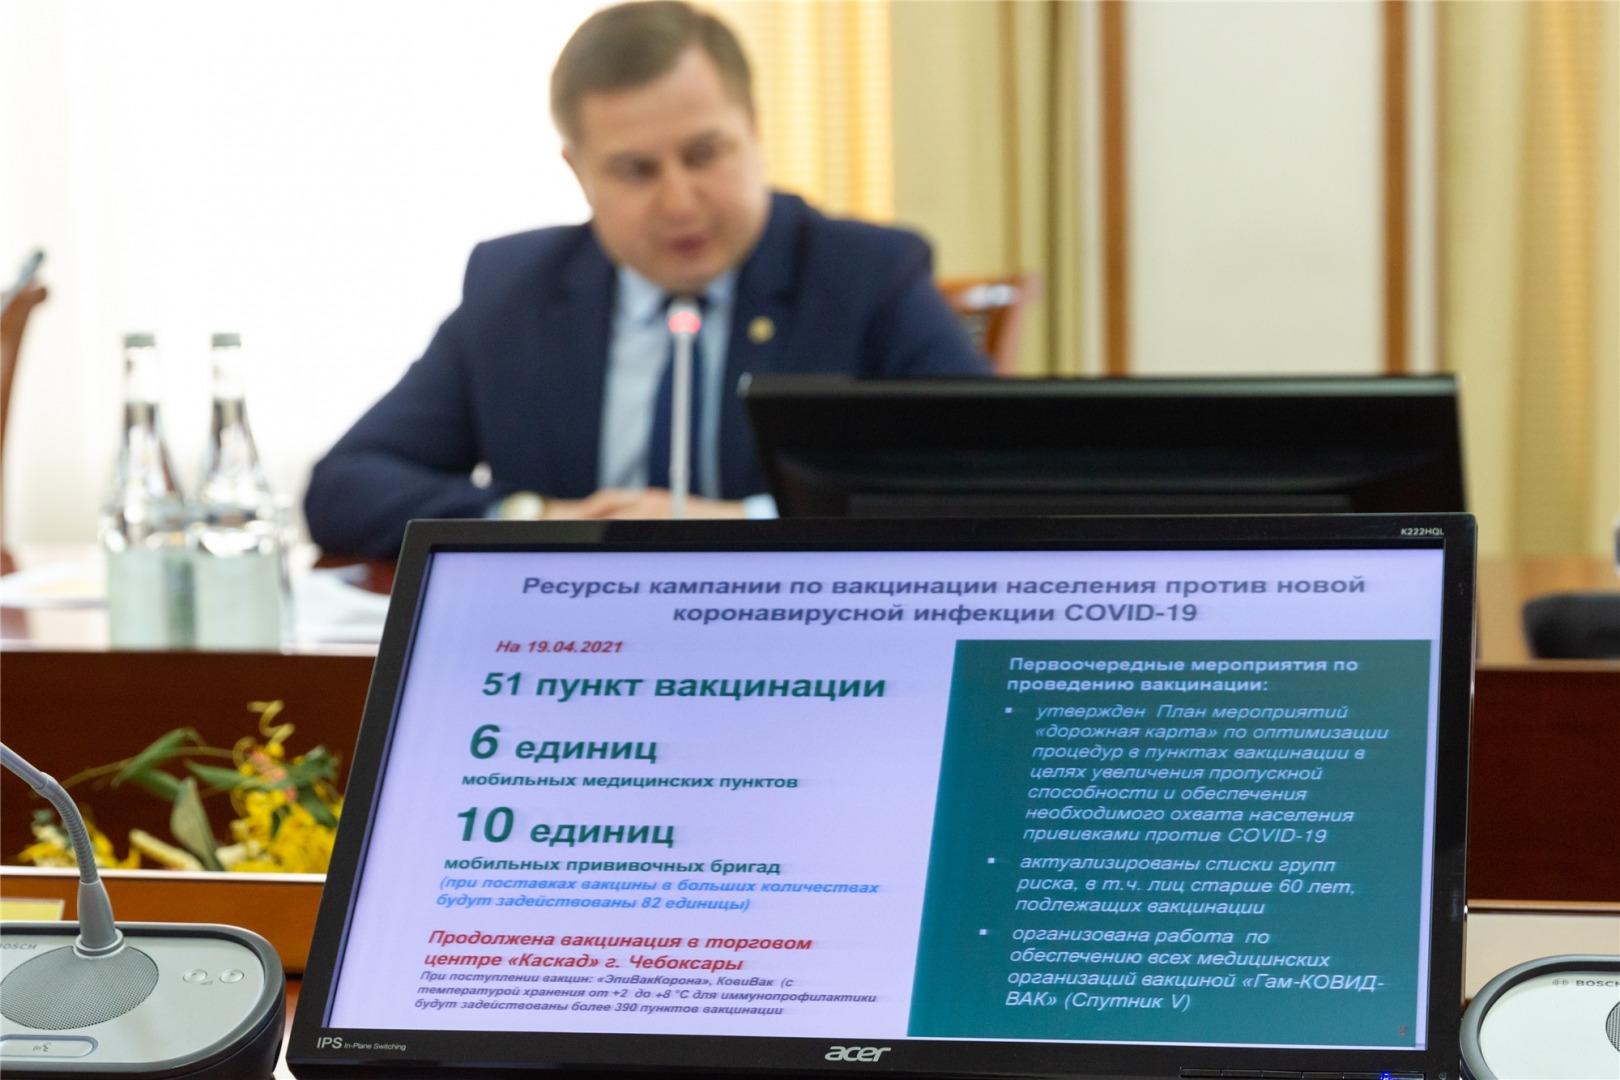 Министр пообещал развернуть еще 30 пунктов вакцинации, а развернули только два - Новости